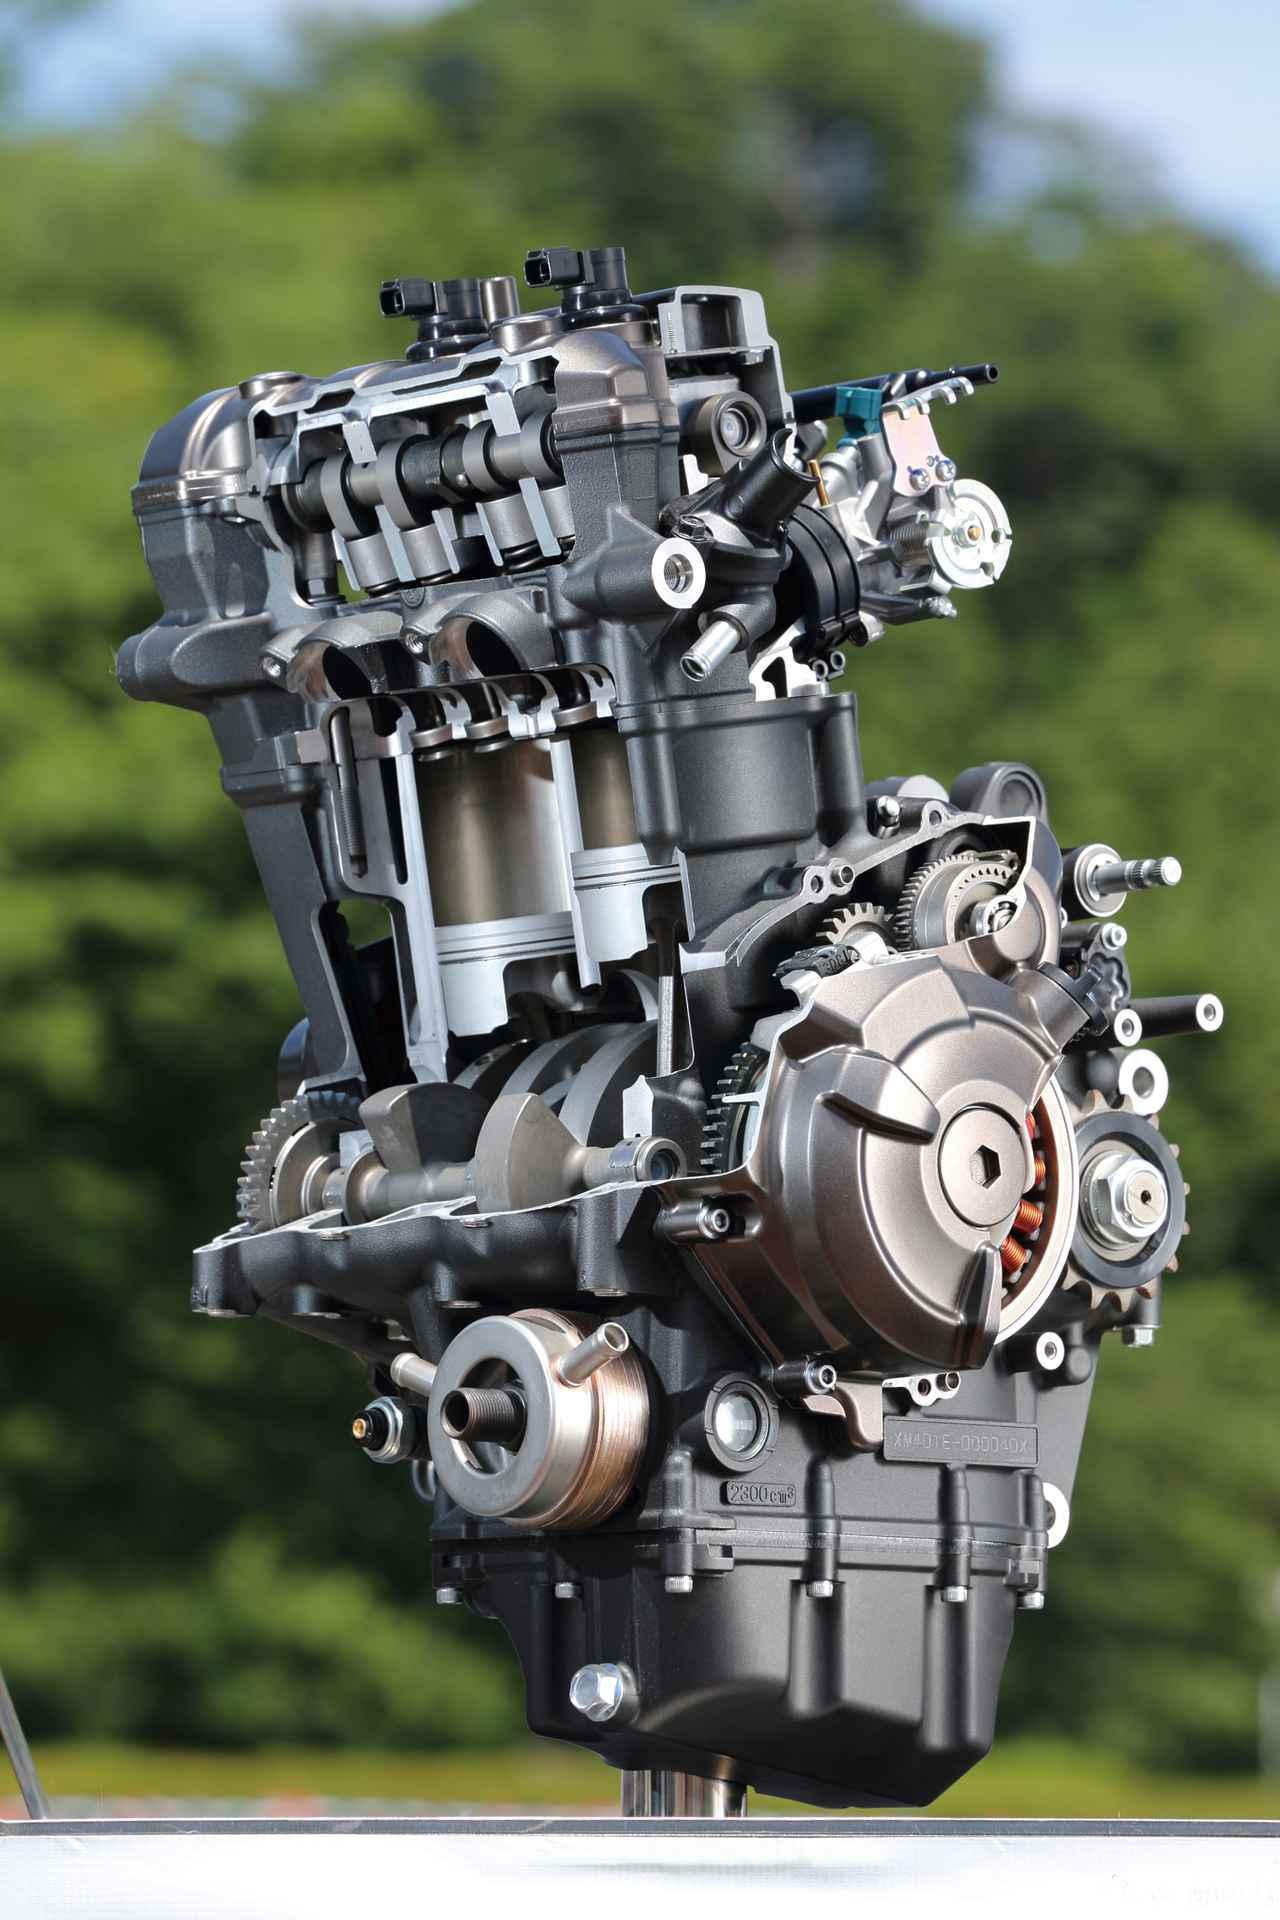 Images : 1番目の画像 - 「スリムなボディにトルキーなエンジン走りを磨き抜いた痛快ミドル!『YAMAHA MT-07 / MT-09』#試乗インプレ(2014年)」のアルバム - webオートバイ